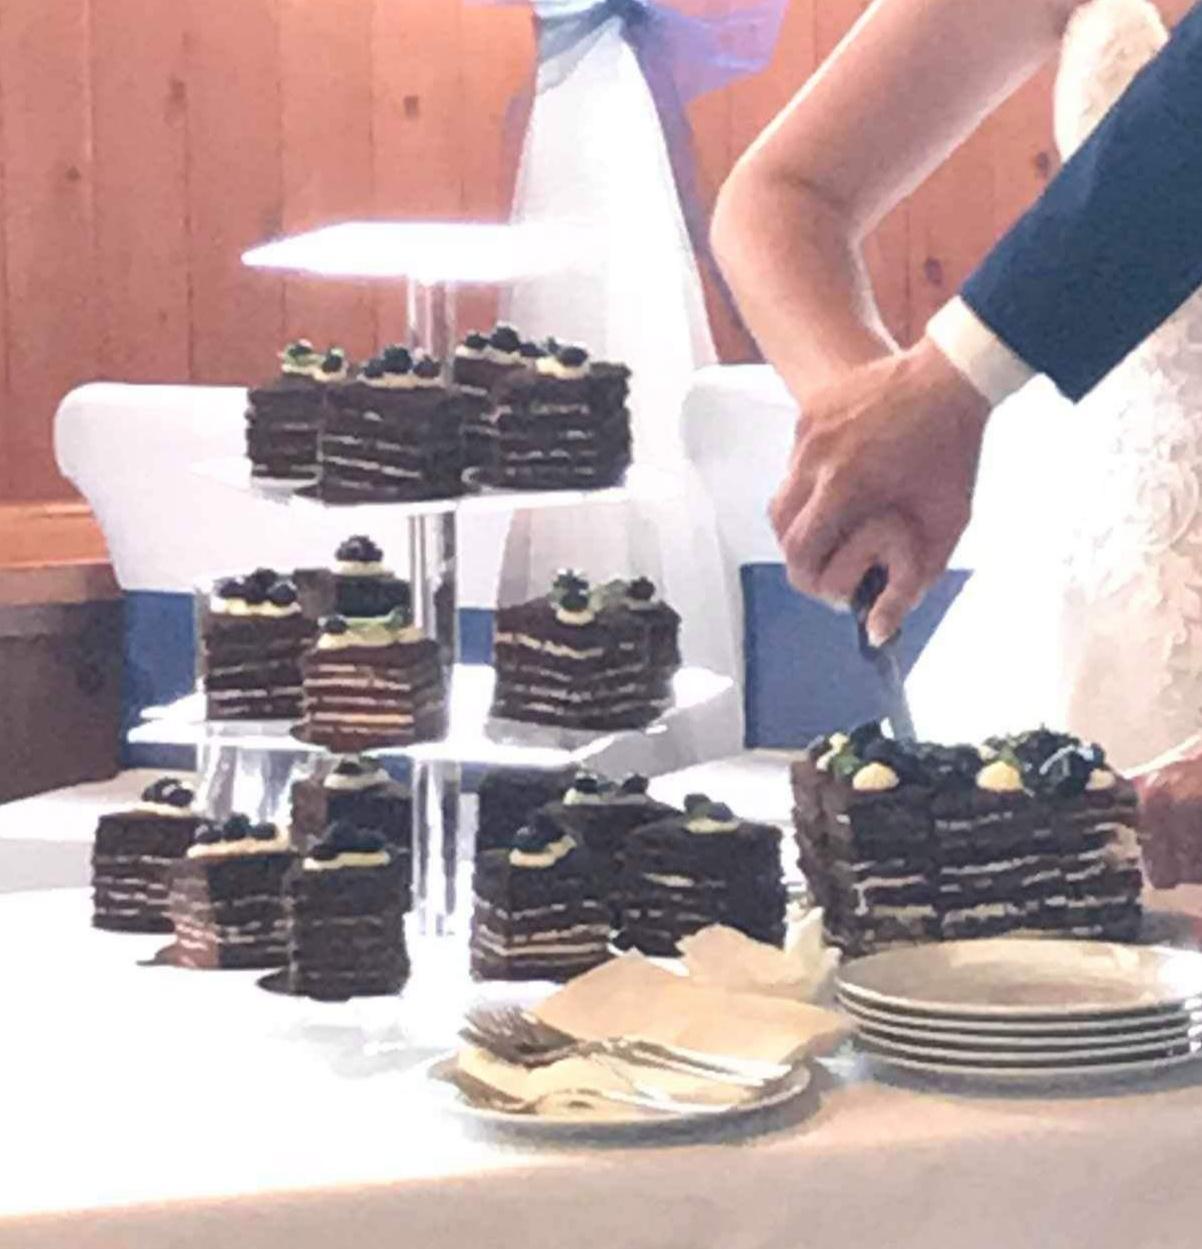 Stojan na dort/zákusky/muffiny - Obrázek č. 1